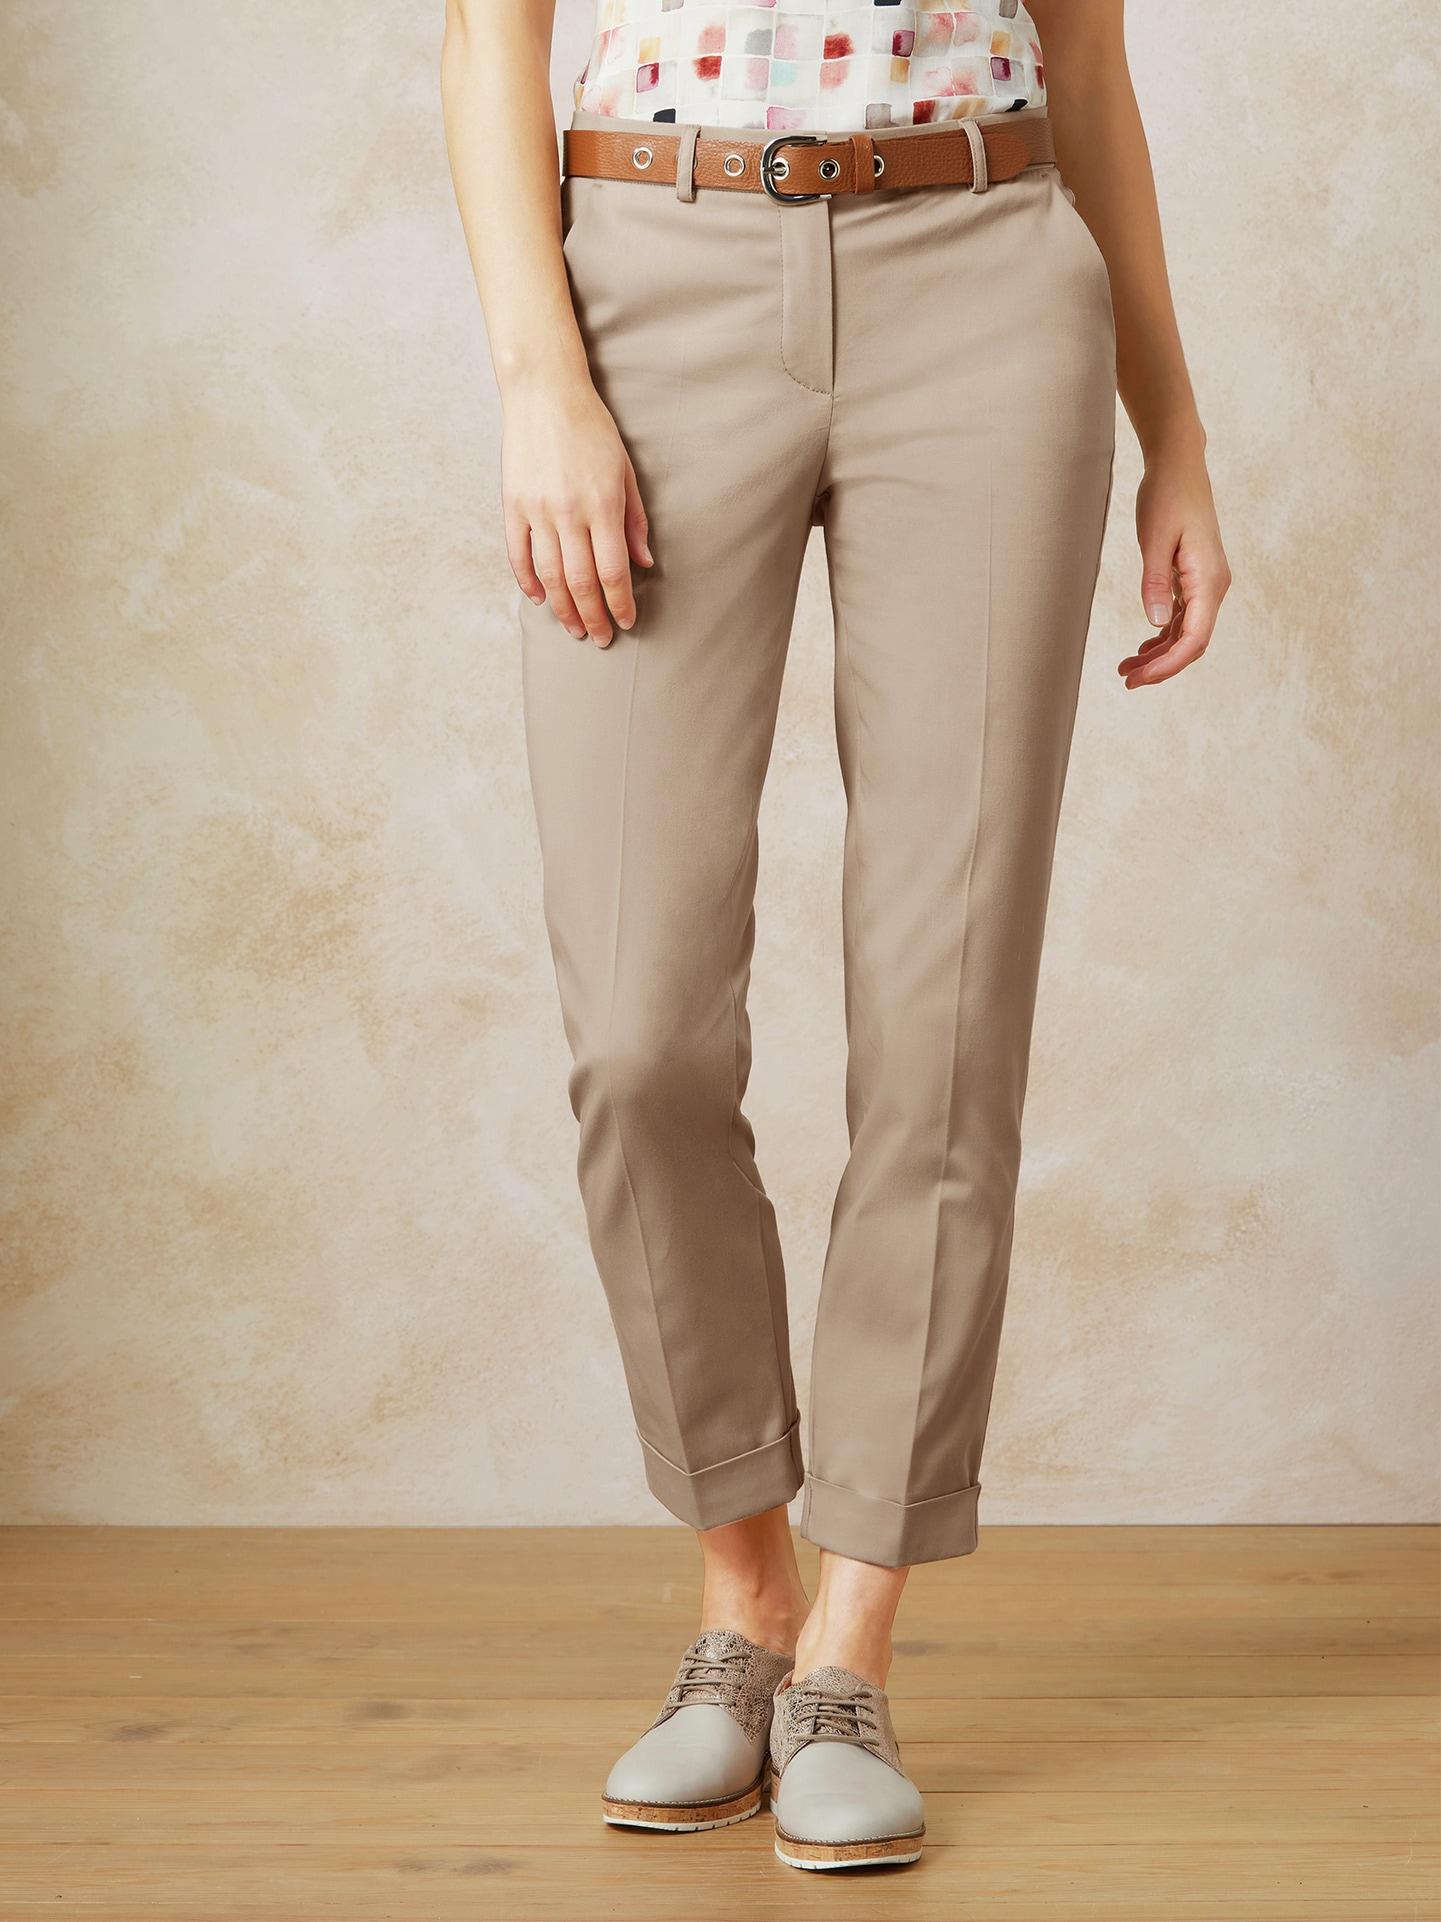 Walbusch Damen 7/8-Hose Soft-Baumwolle Größe 24